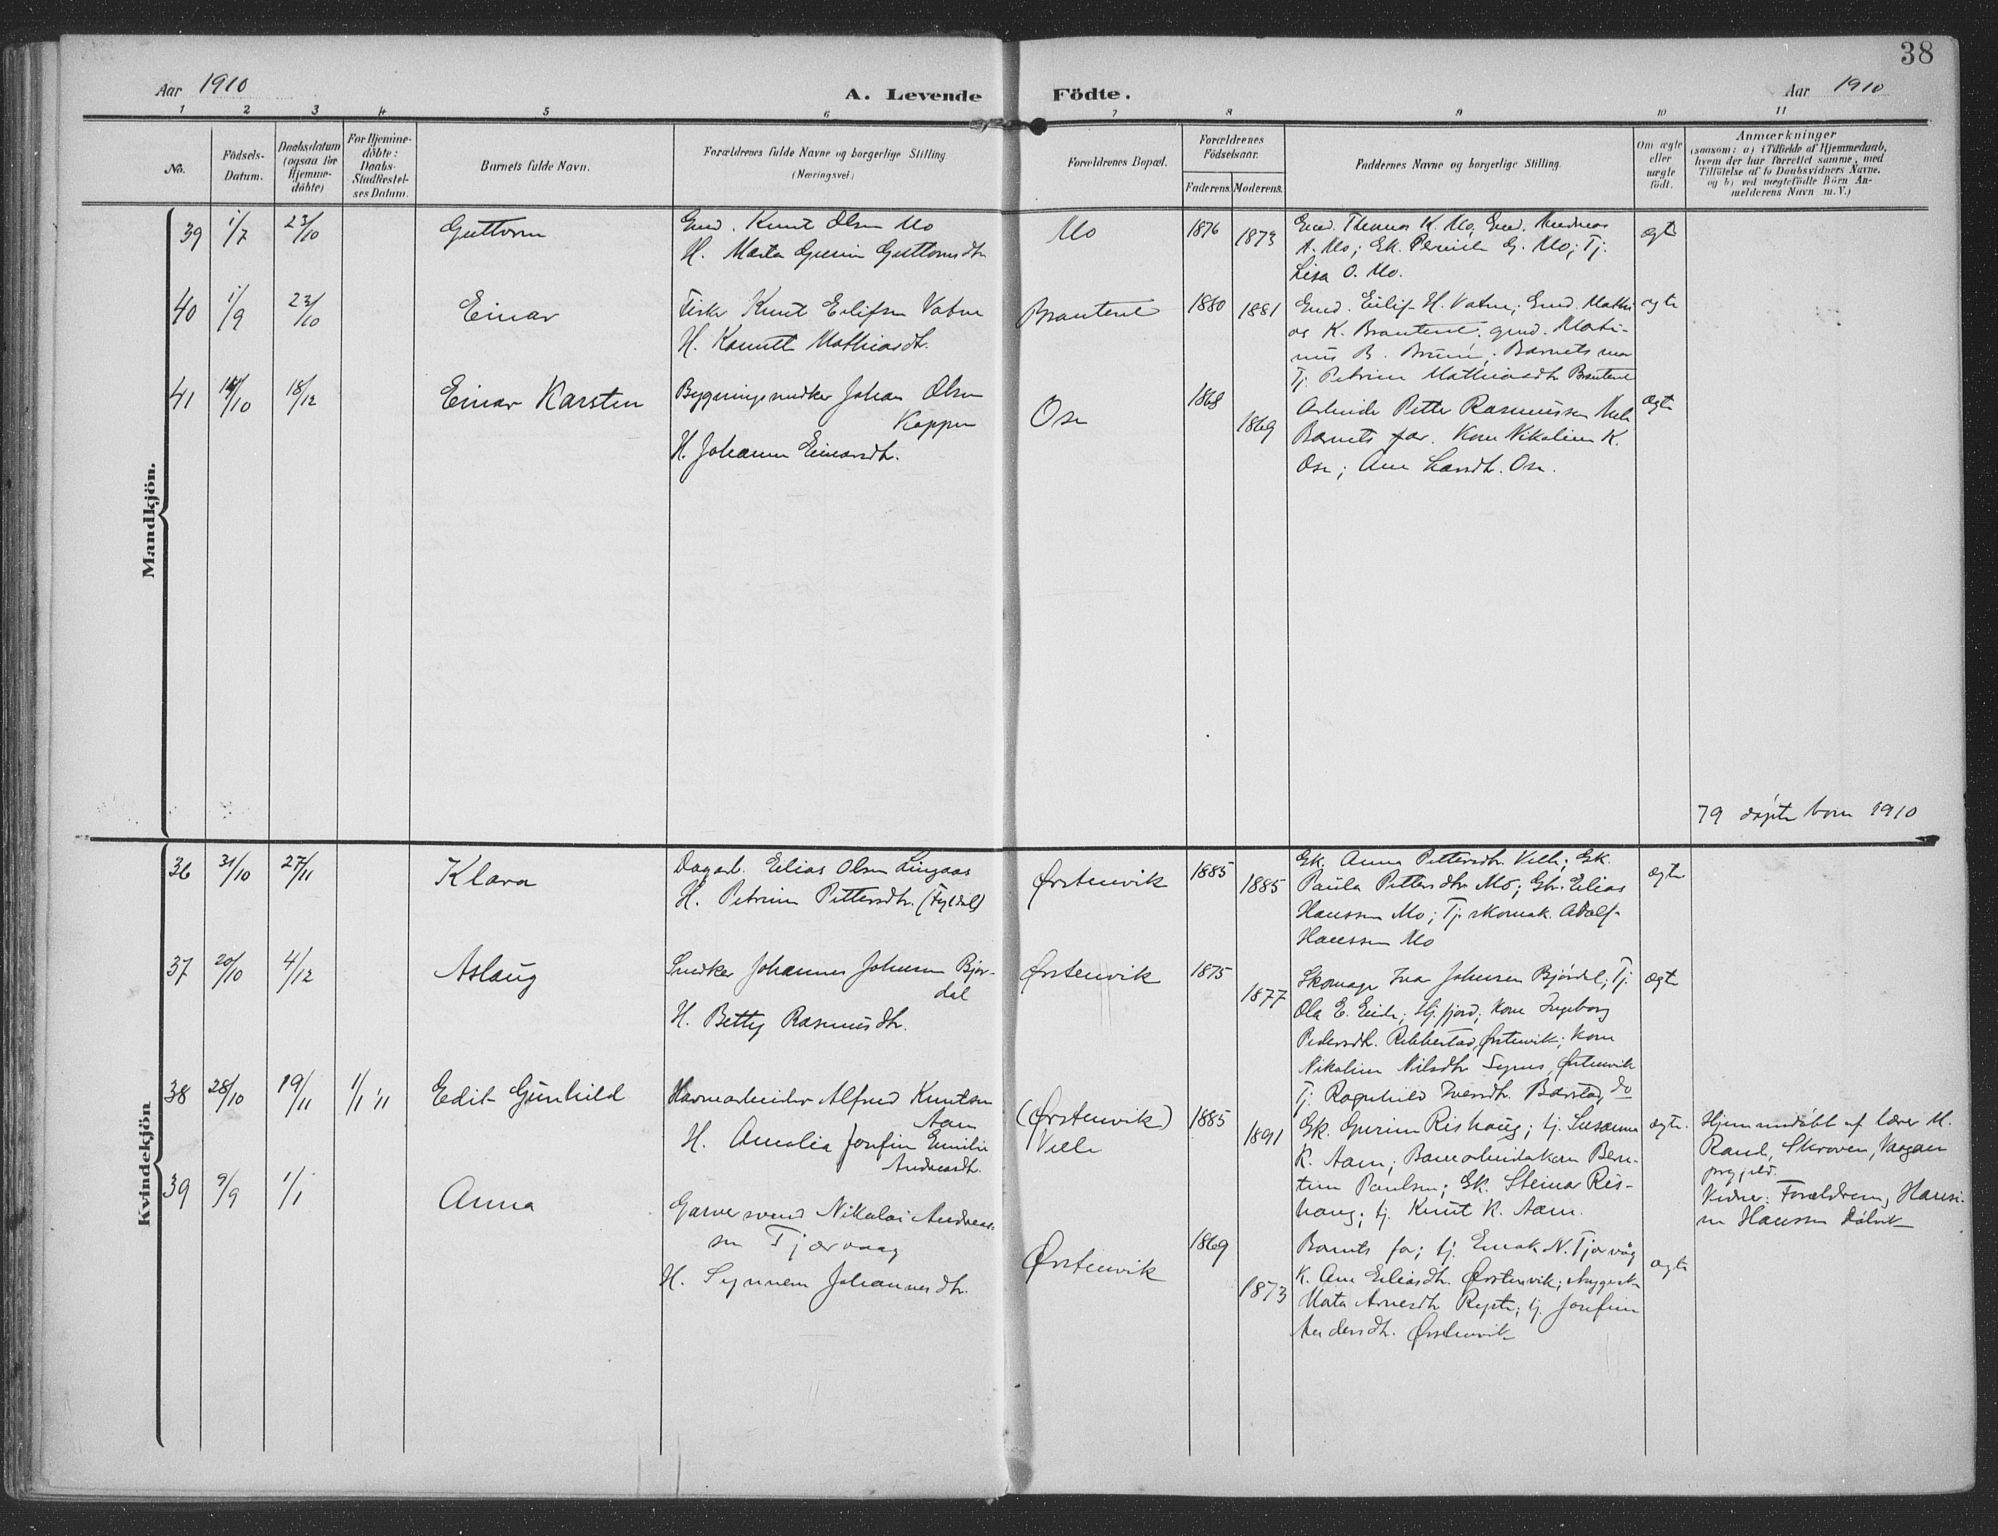 SAT, Ministerialprotokoller, klokkerbøker og fødselsregistre - Møre og Romsdal, 513/L0178: Parish register (official) no. 513A05, 1906-1919, p. 38